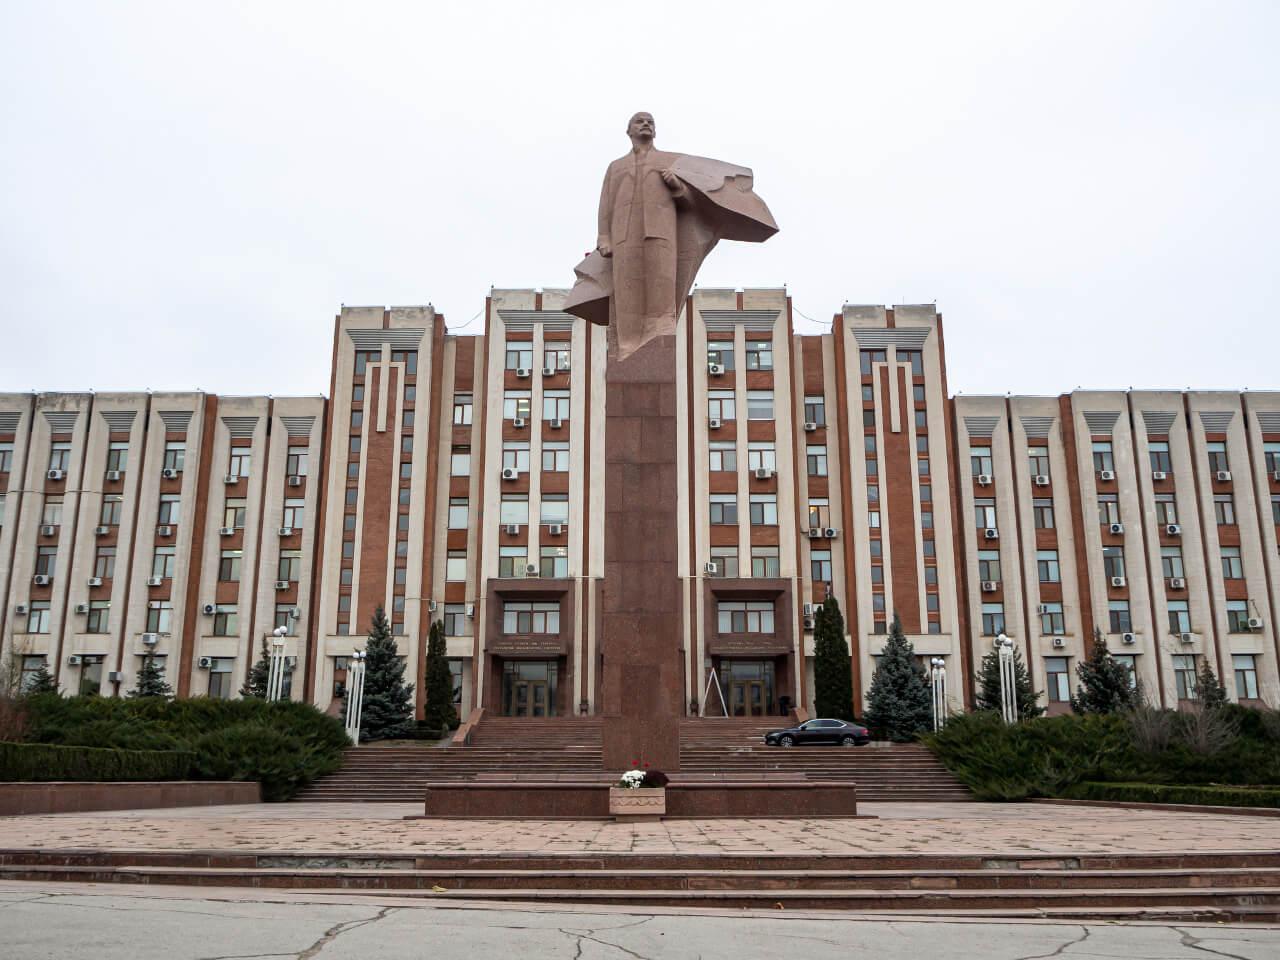 Gmach Rady Narodowej Naddniestrzańskiej Republiki Mołdawskiej z pomnikiem Lenina